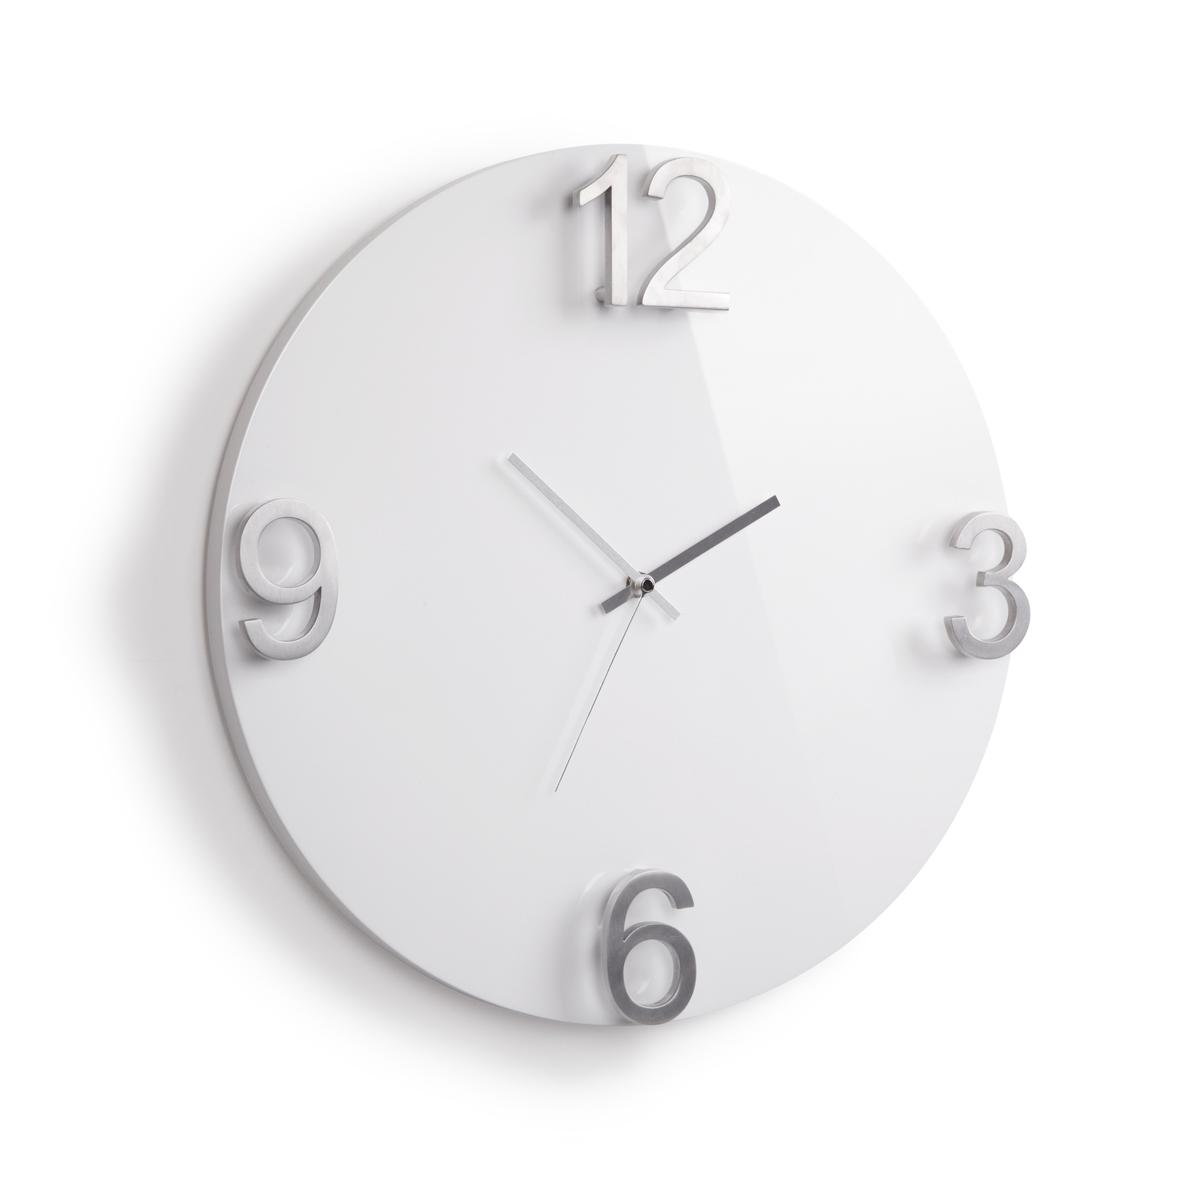 Часы настенные Umbra Elapse, цвет: белый118420-326Оригинальные настенные часы, выполненные в минималистском стиле. Основа из массива дерева с глянцевым покрытием и металлическими цифрами выглядит дорого и изысканно. Механизм работает при помощи 1 батарейки АА (батарейка в комплект не входит). Дизайн: Alan Wisniewski